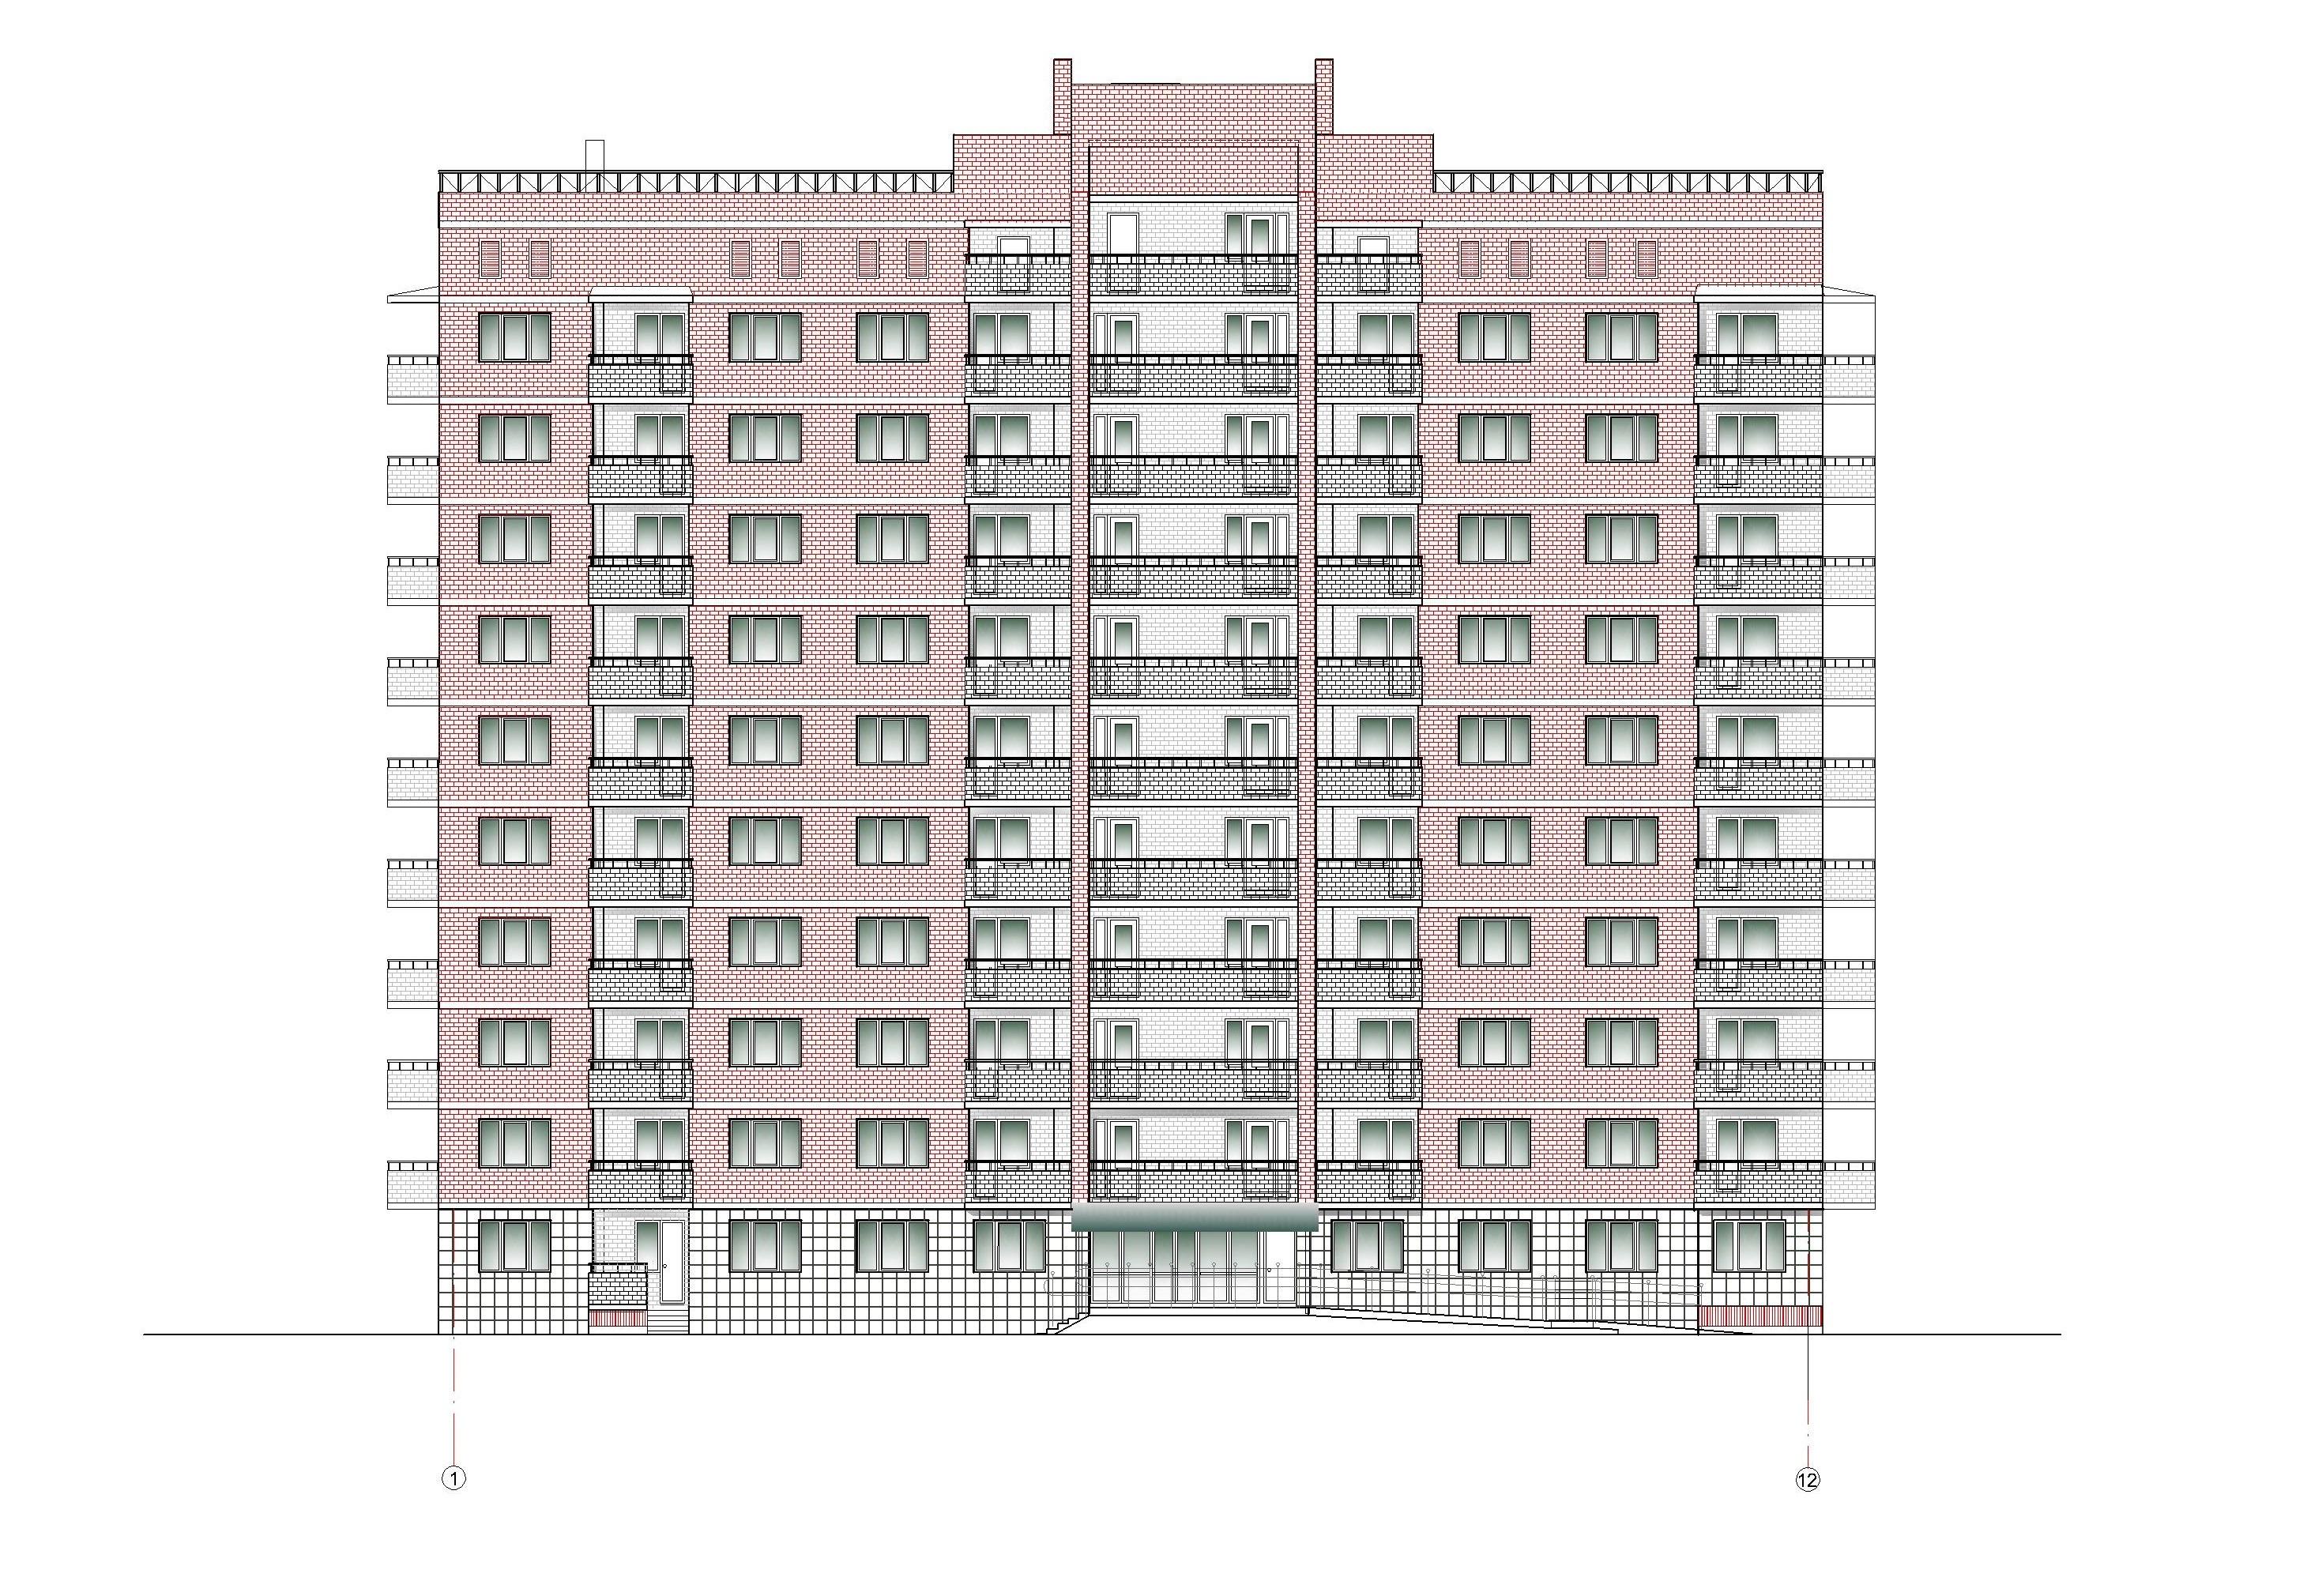 Проект 10-ти этажного многоквартирного дома. Фасад в осях 1-12